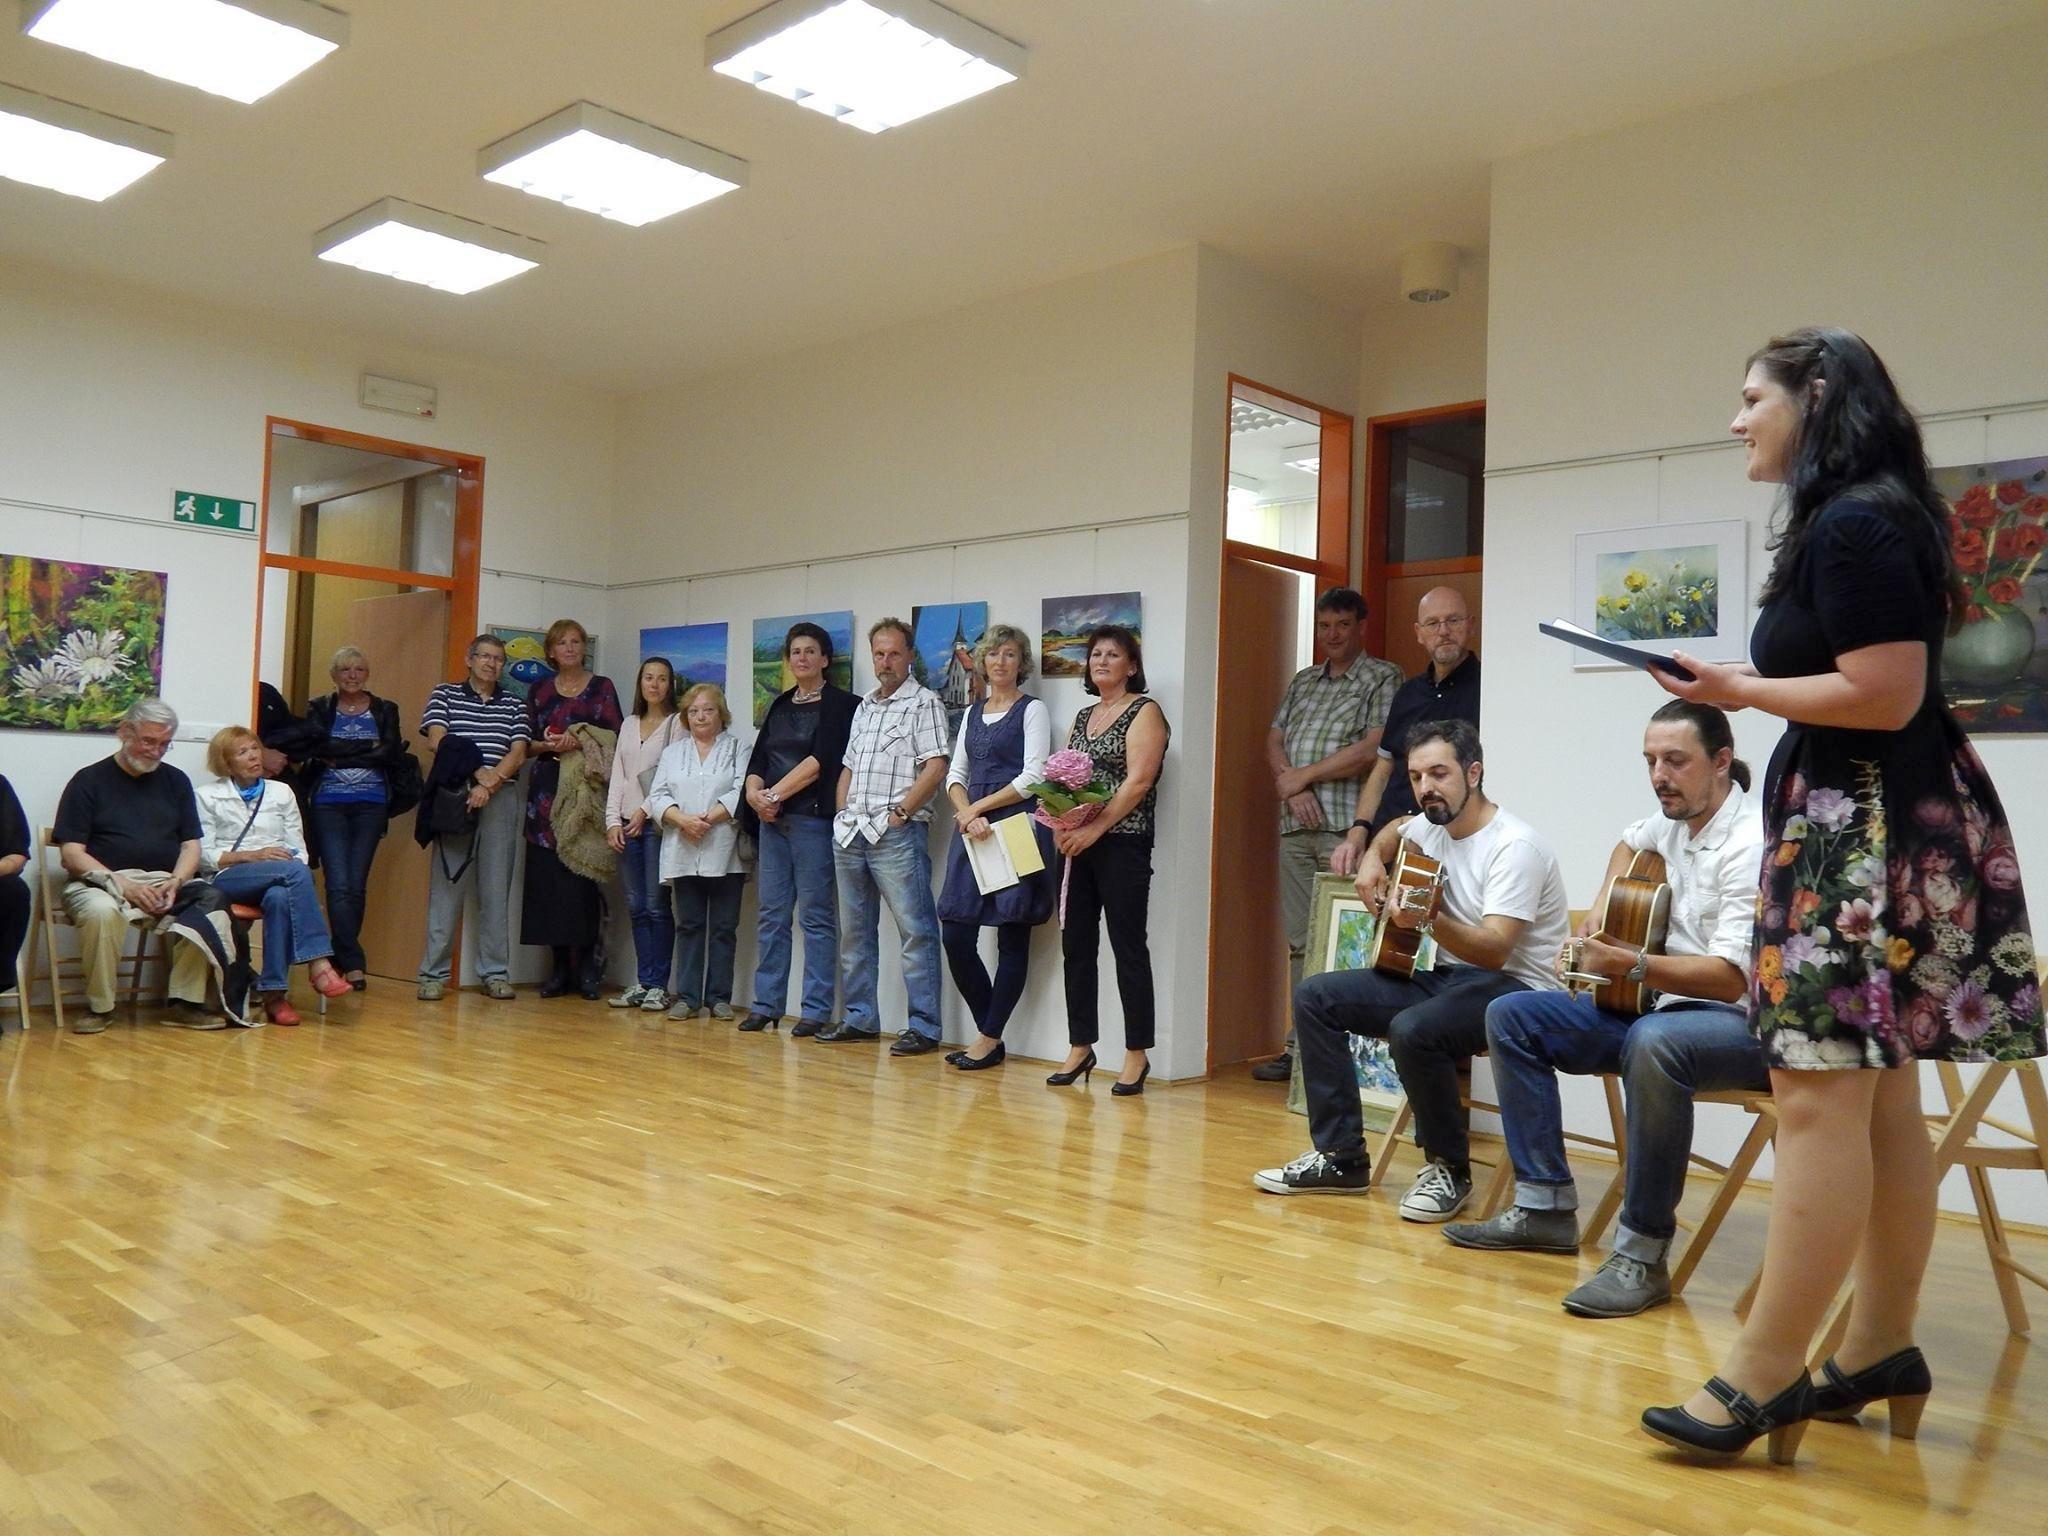 lk13 - Otvoritev razstave 5. mednarodne likovne kolonije v organizaciji Slovenskega kulturnega društva Gorski kotar